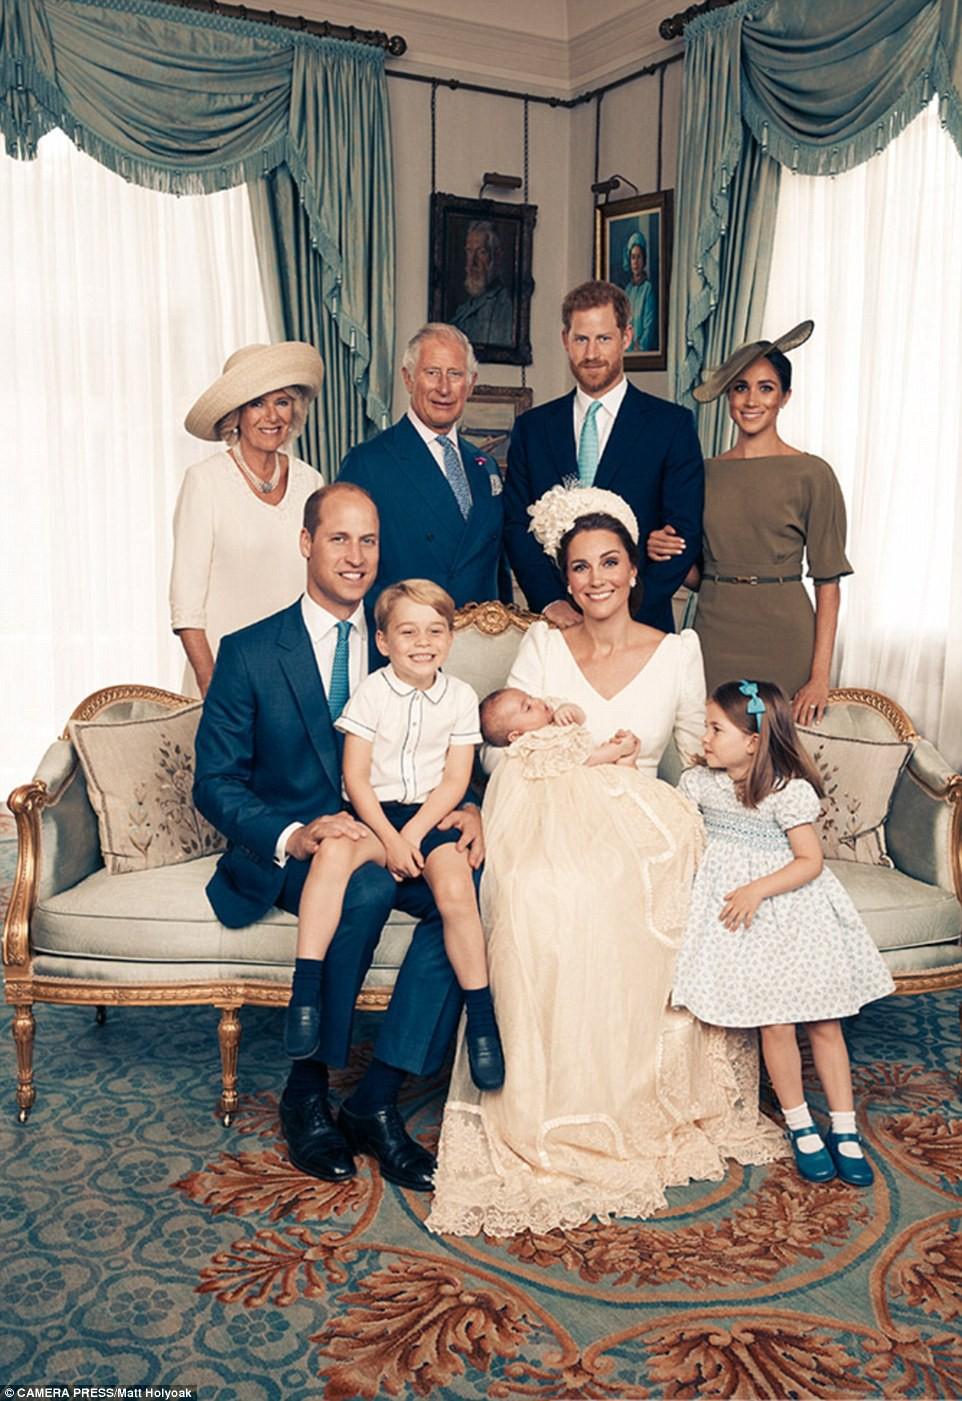 Công bố ảnh chính thức lễ rửa tội Hoàng tử Louis: Gia đình William - Kate hạnh phúc rạng ngời, nhà ngoại đẹp lấn át thông gia bên nội - Ảnh 4.